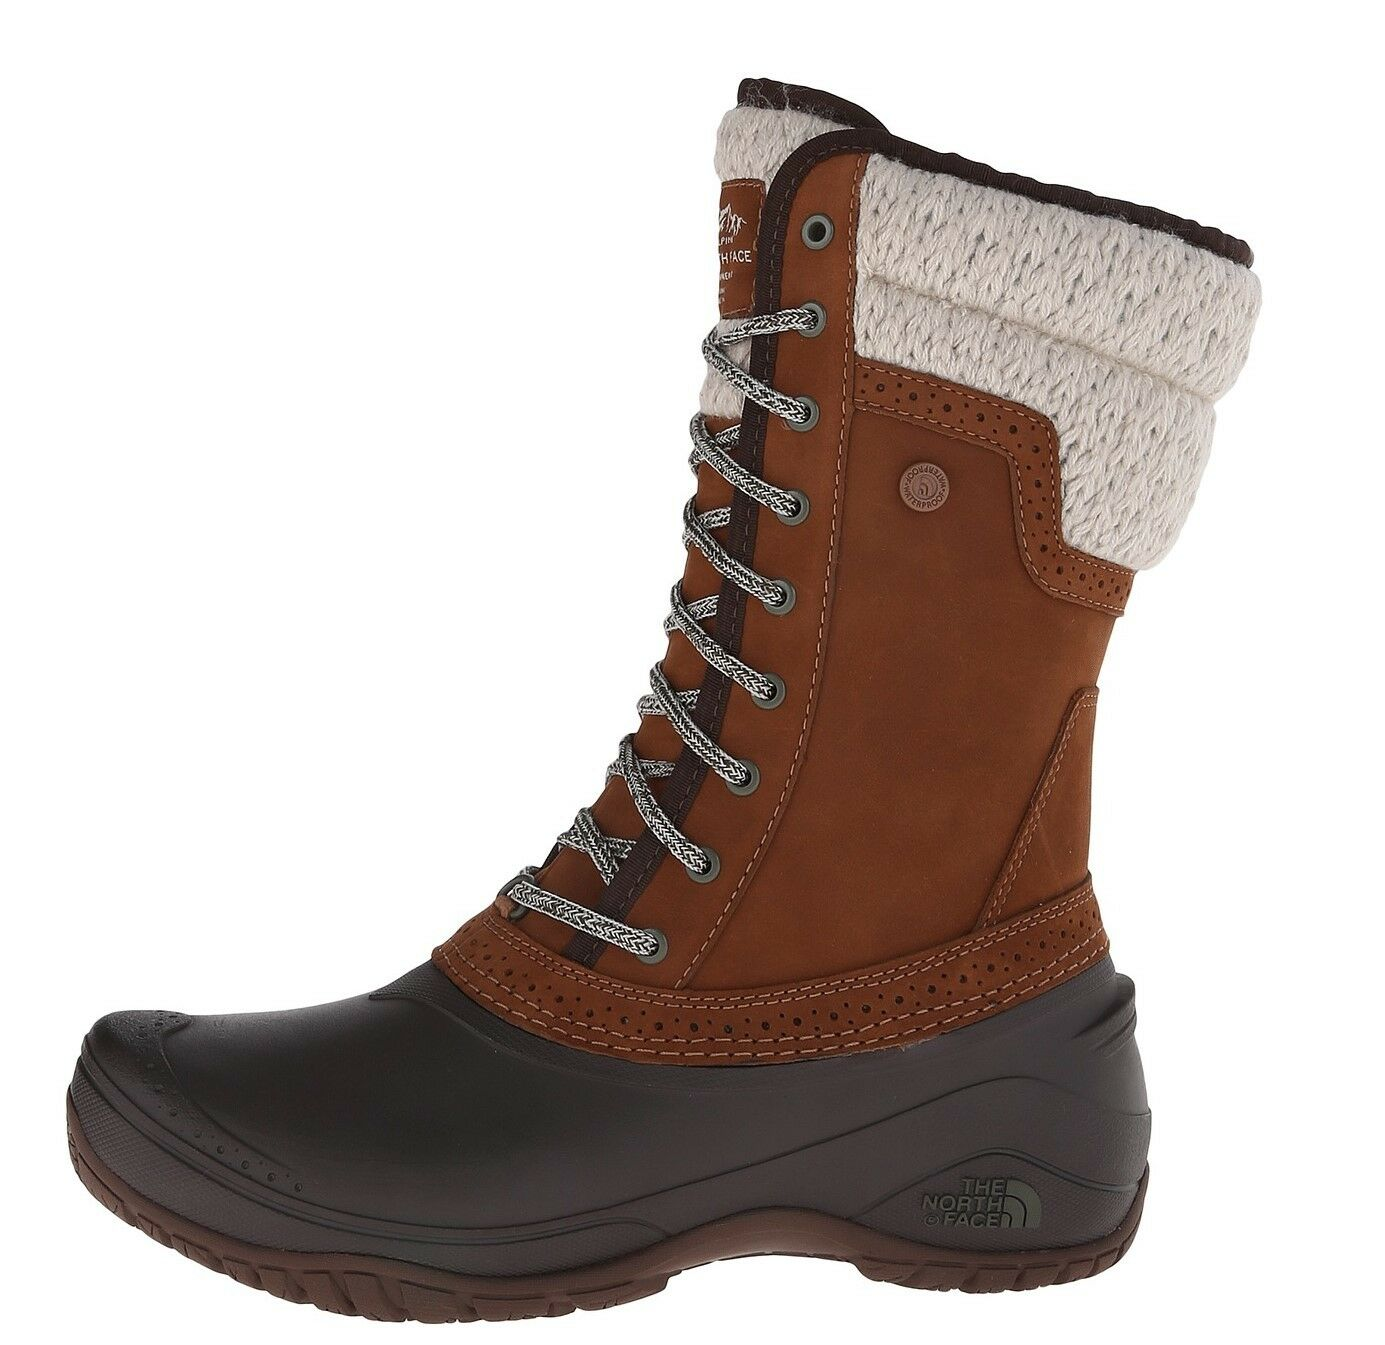 Nuevo The North Face Shellista Mid Ll-para Ll-para Ll-para mujer botas Tamaño nos 11 UE 42 Guardar  exclusivo